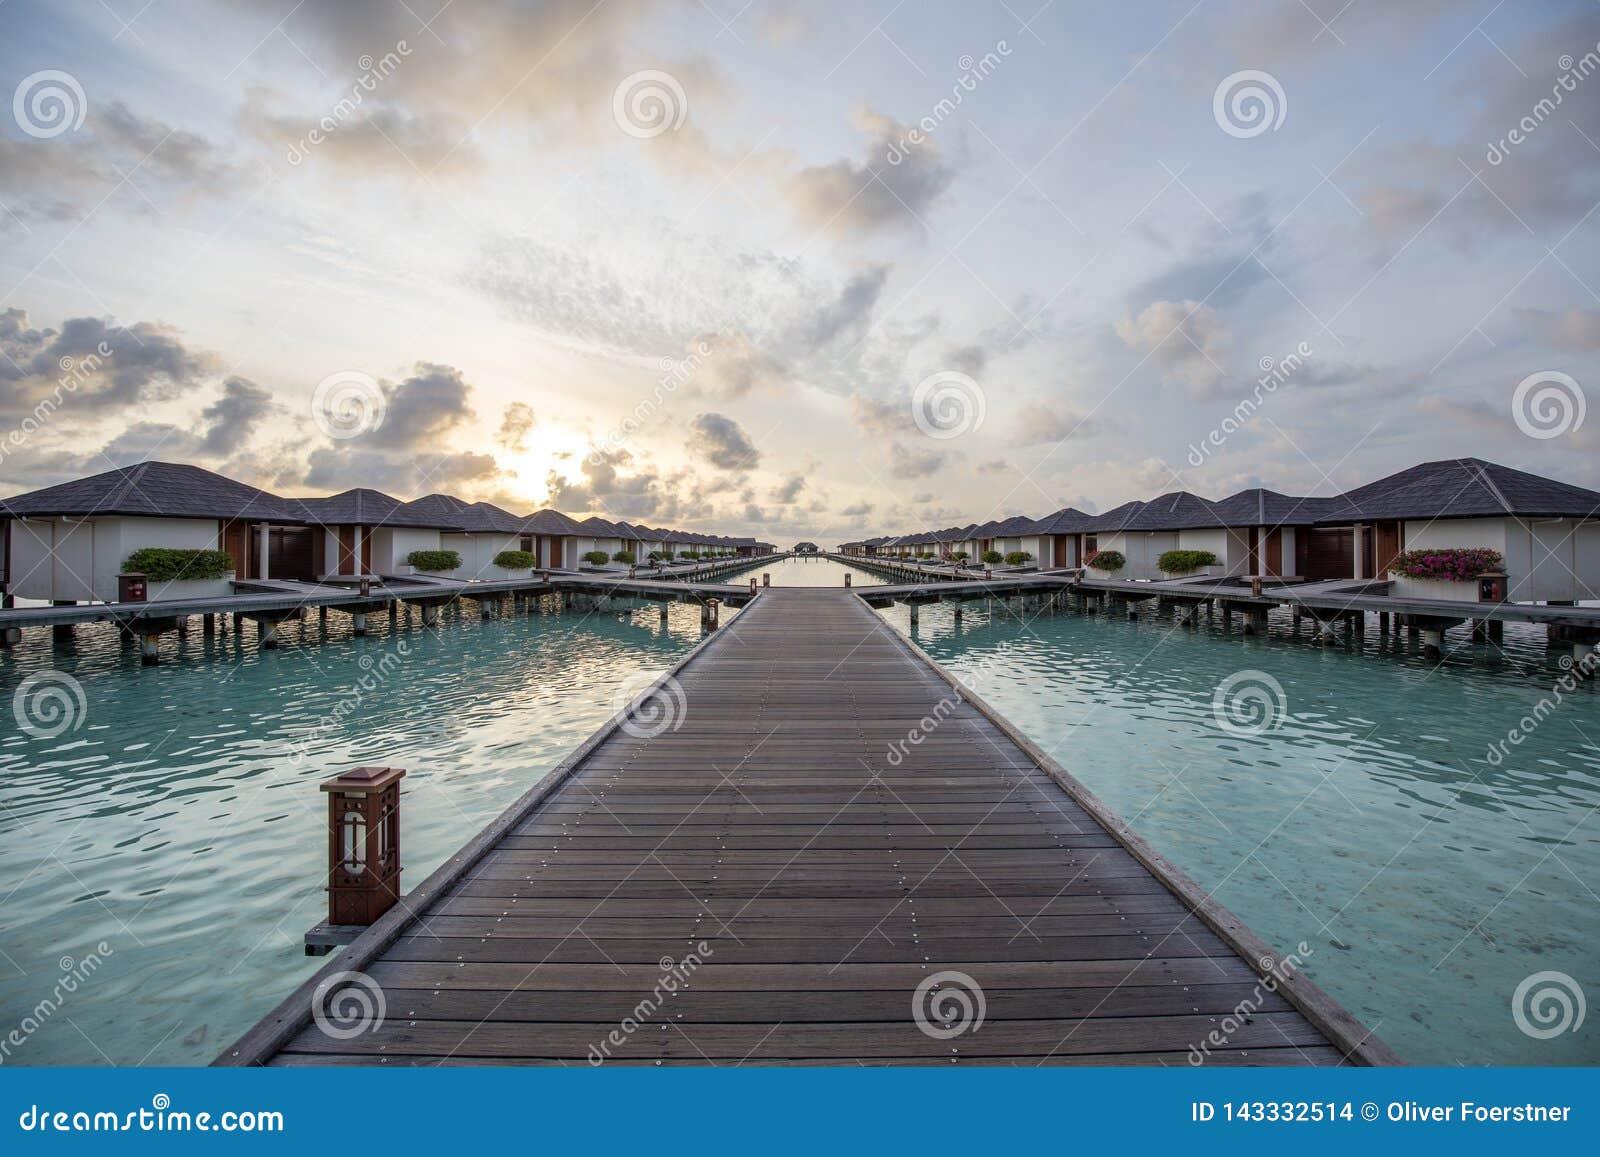 Maldives Paradise Island Sunrise Stock Photo Image Of